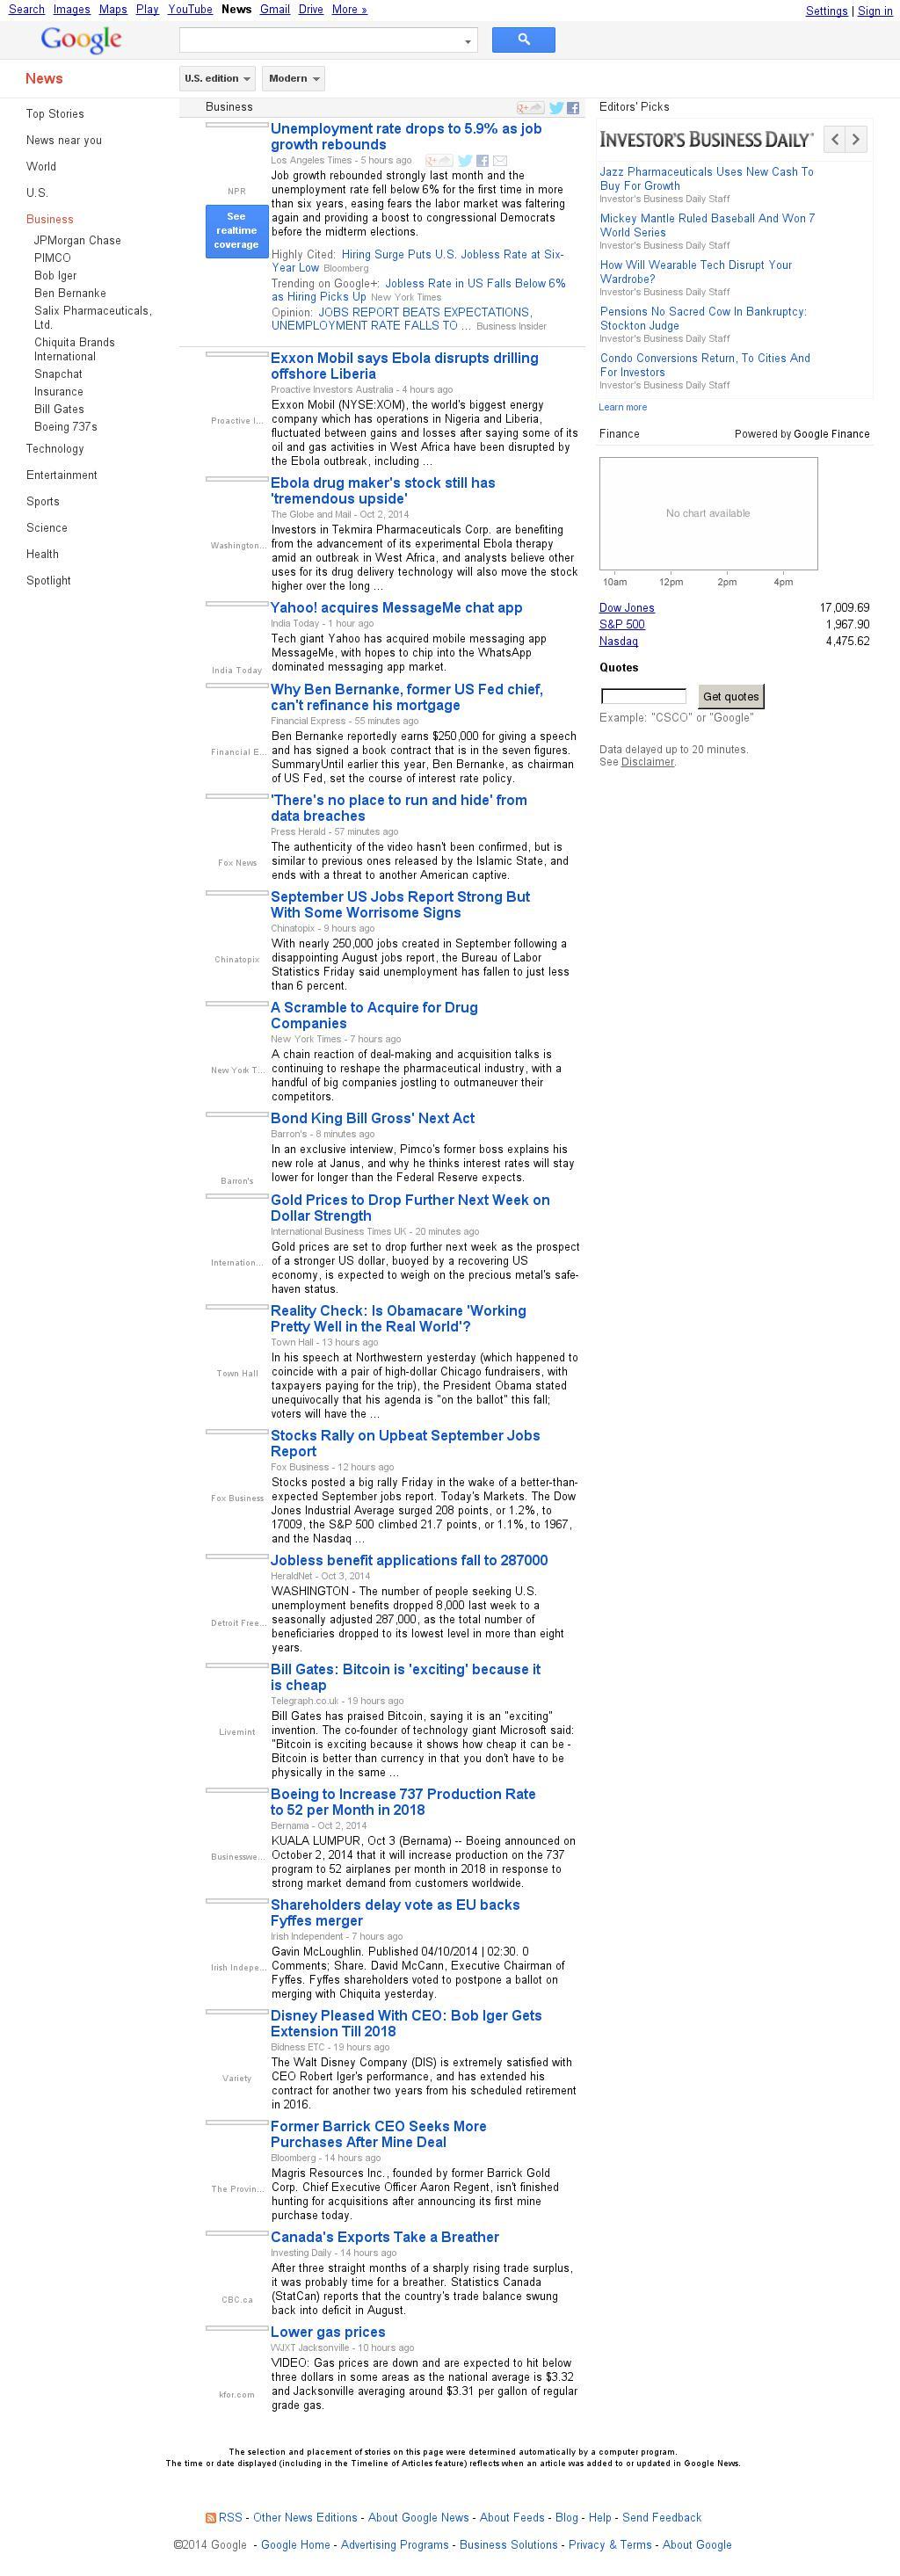 Google News: Business at Saturday Oct. 4, 2014, 9:06 a.m. UTC